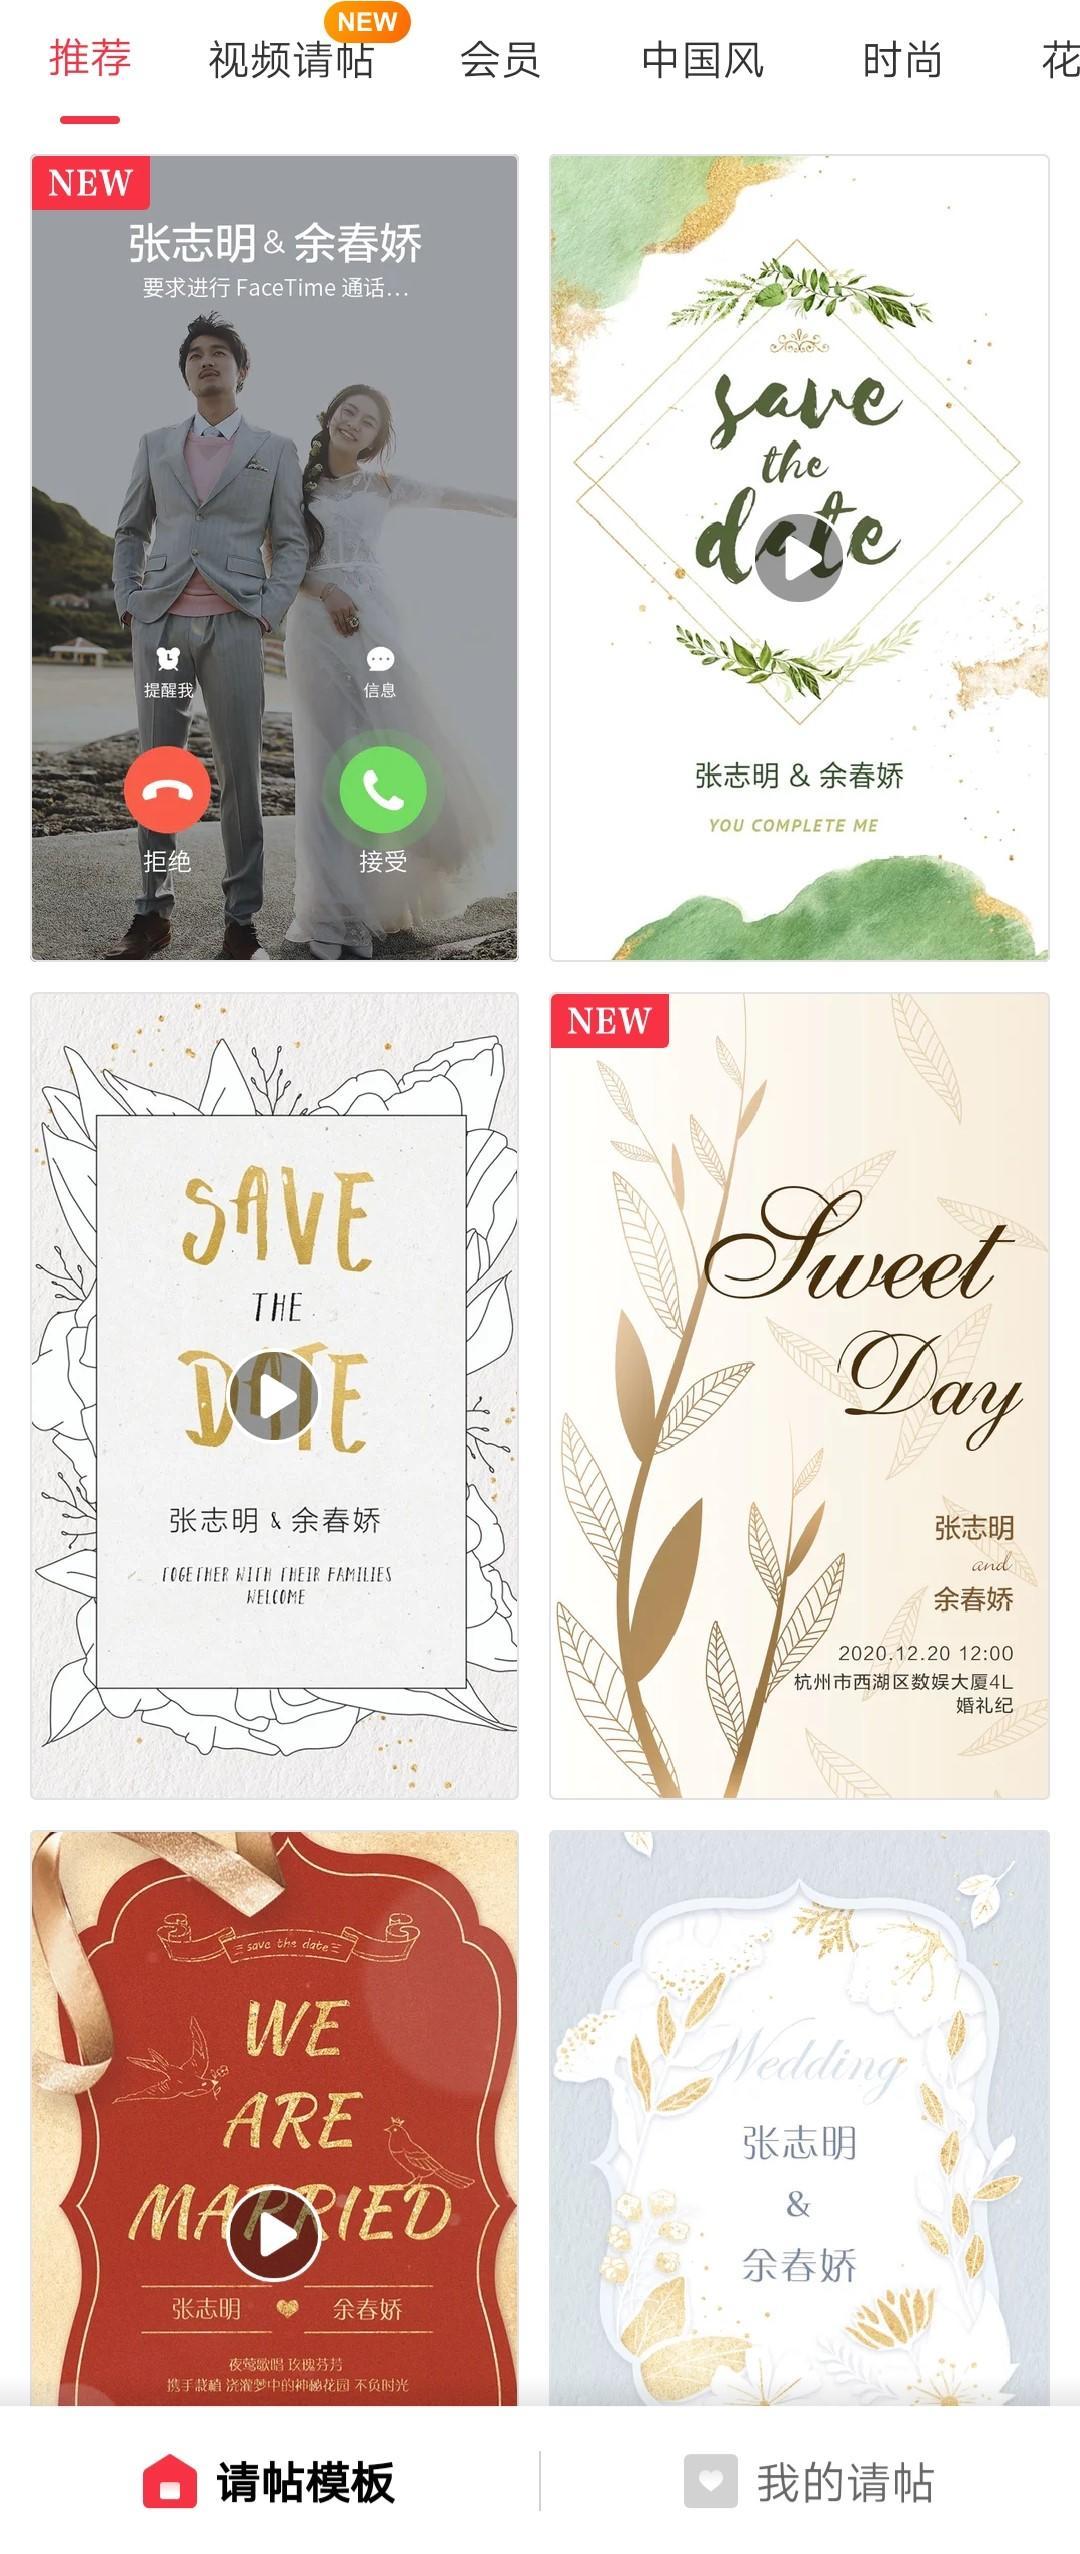 婚礼纪app电子请帖